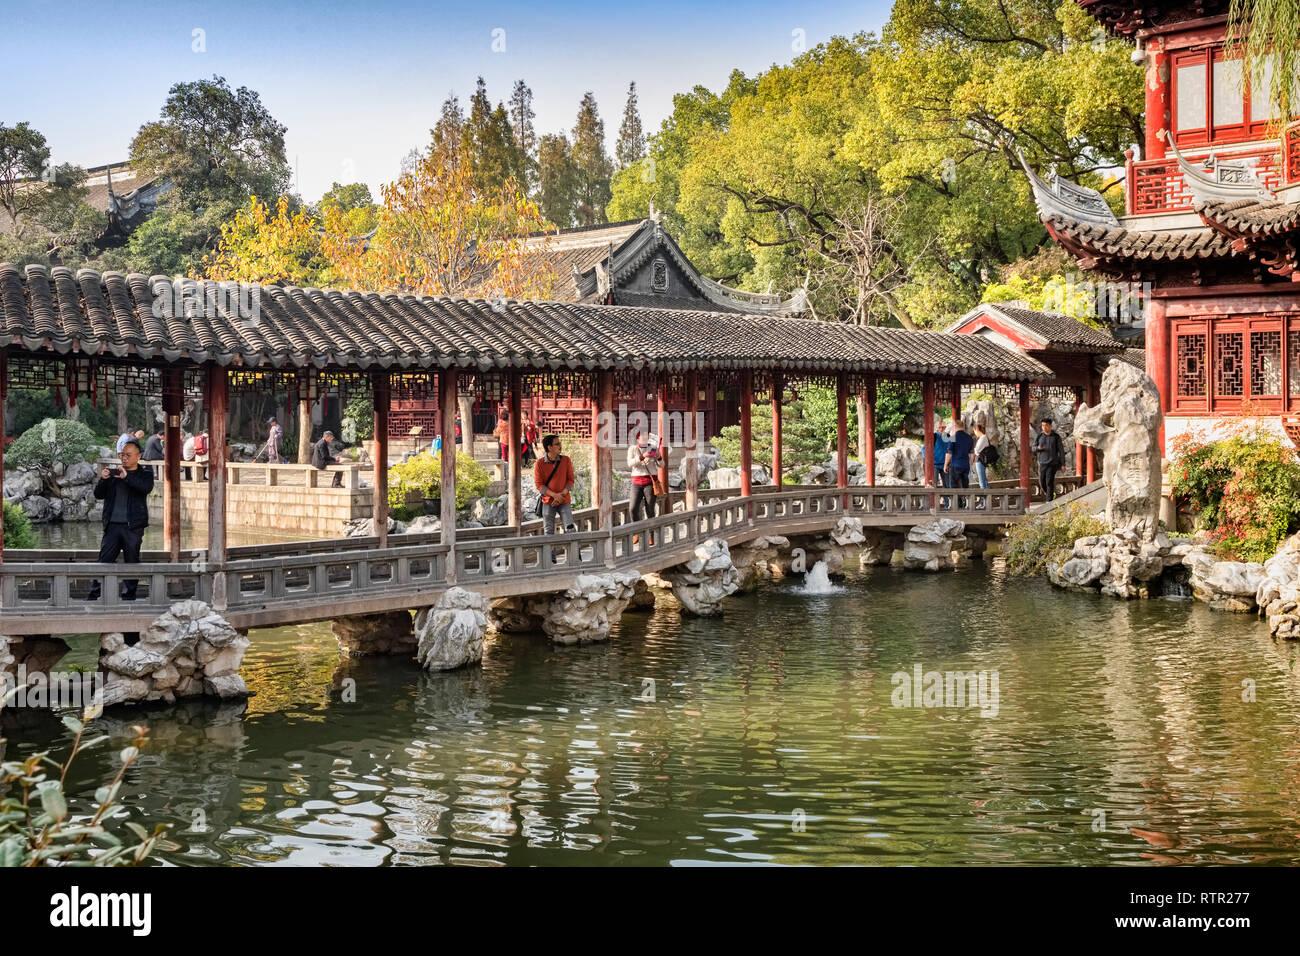 29 de noviembre de 2018: Shanghai, China - El Jade pasillo acuático puente sobre un lago en el jardín Yu, parte del distrito de la Ciudad Vieja de Shanghai. Imagen De Stock